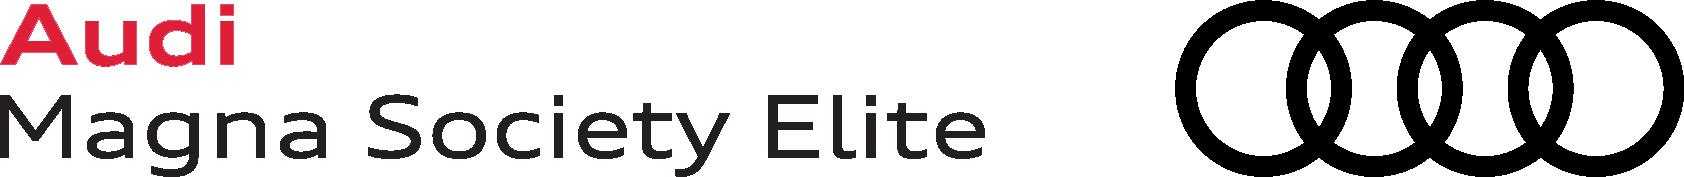 Audi Magna Society Elite Award